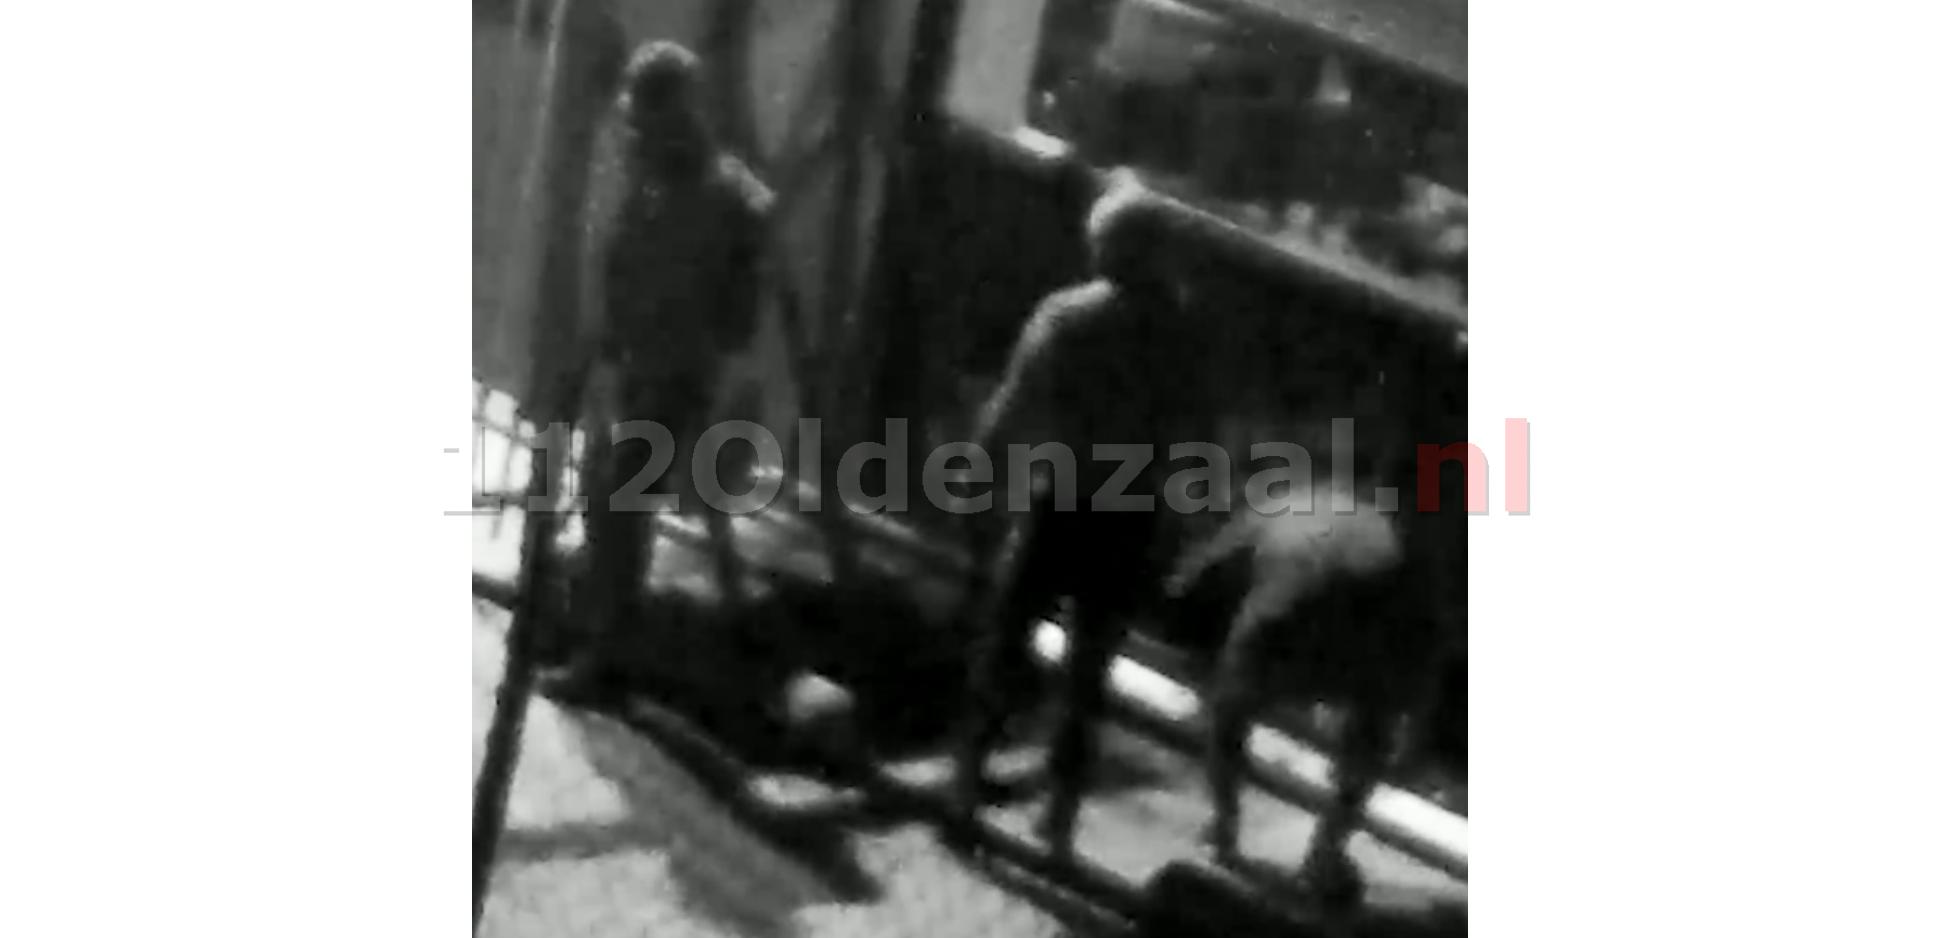 UPDATE (video):  Inbraken bij bouwbedrijf en autobedrijf in Oldenzaal